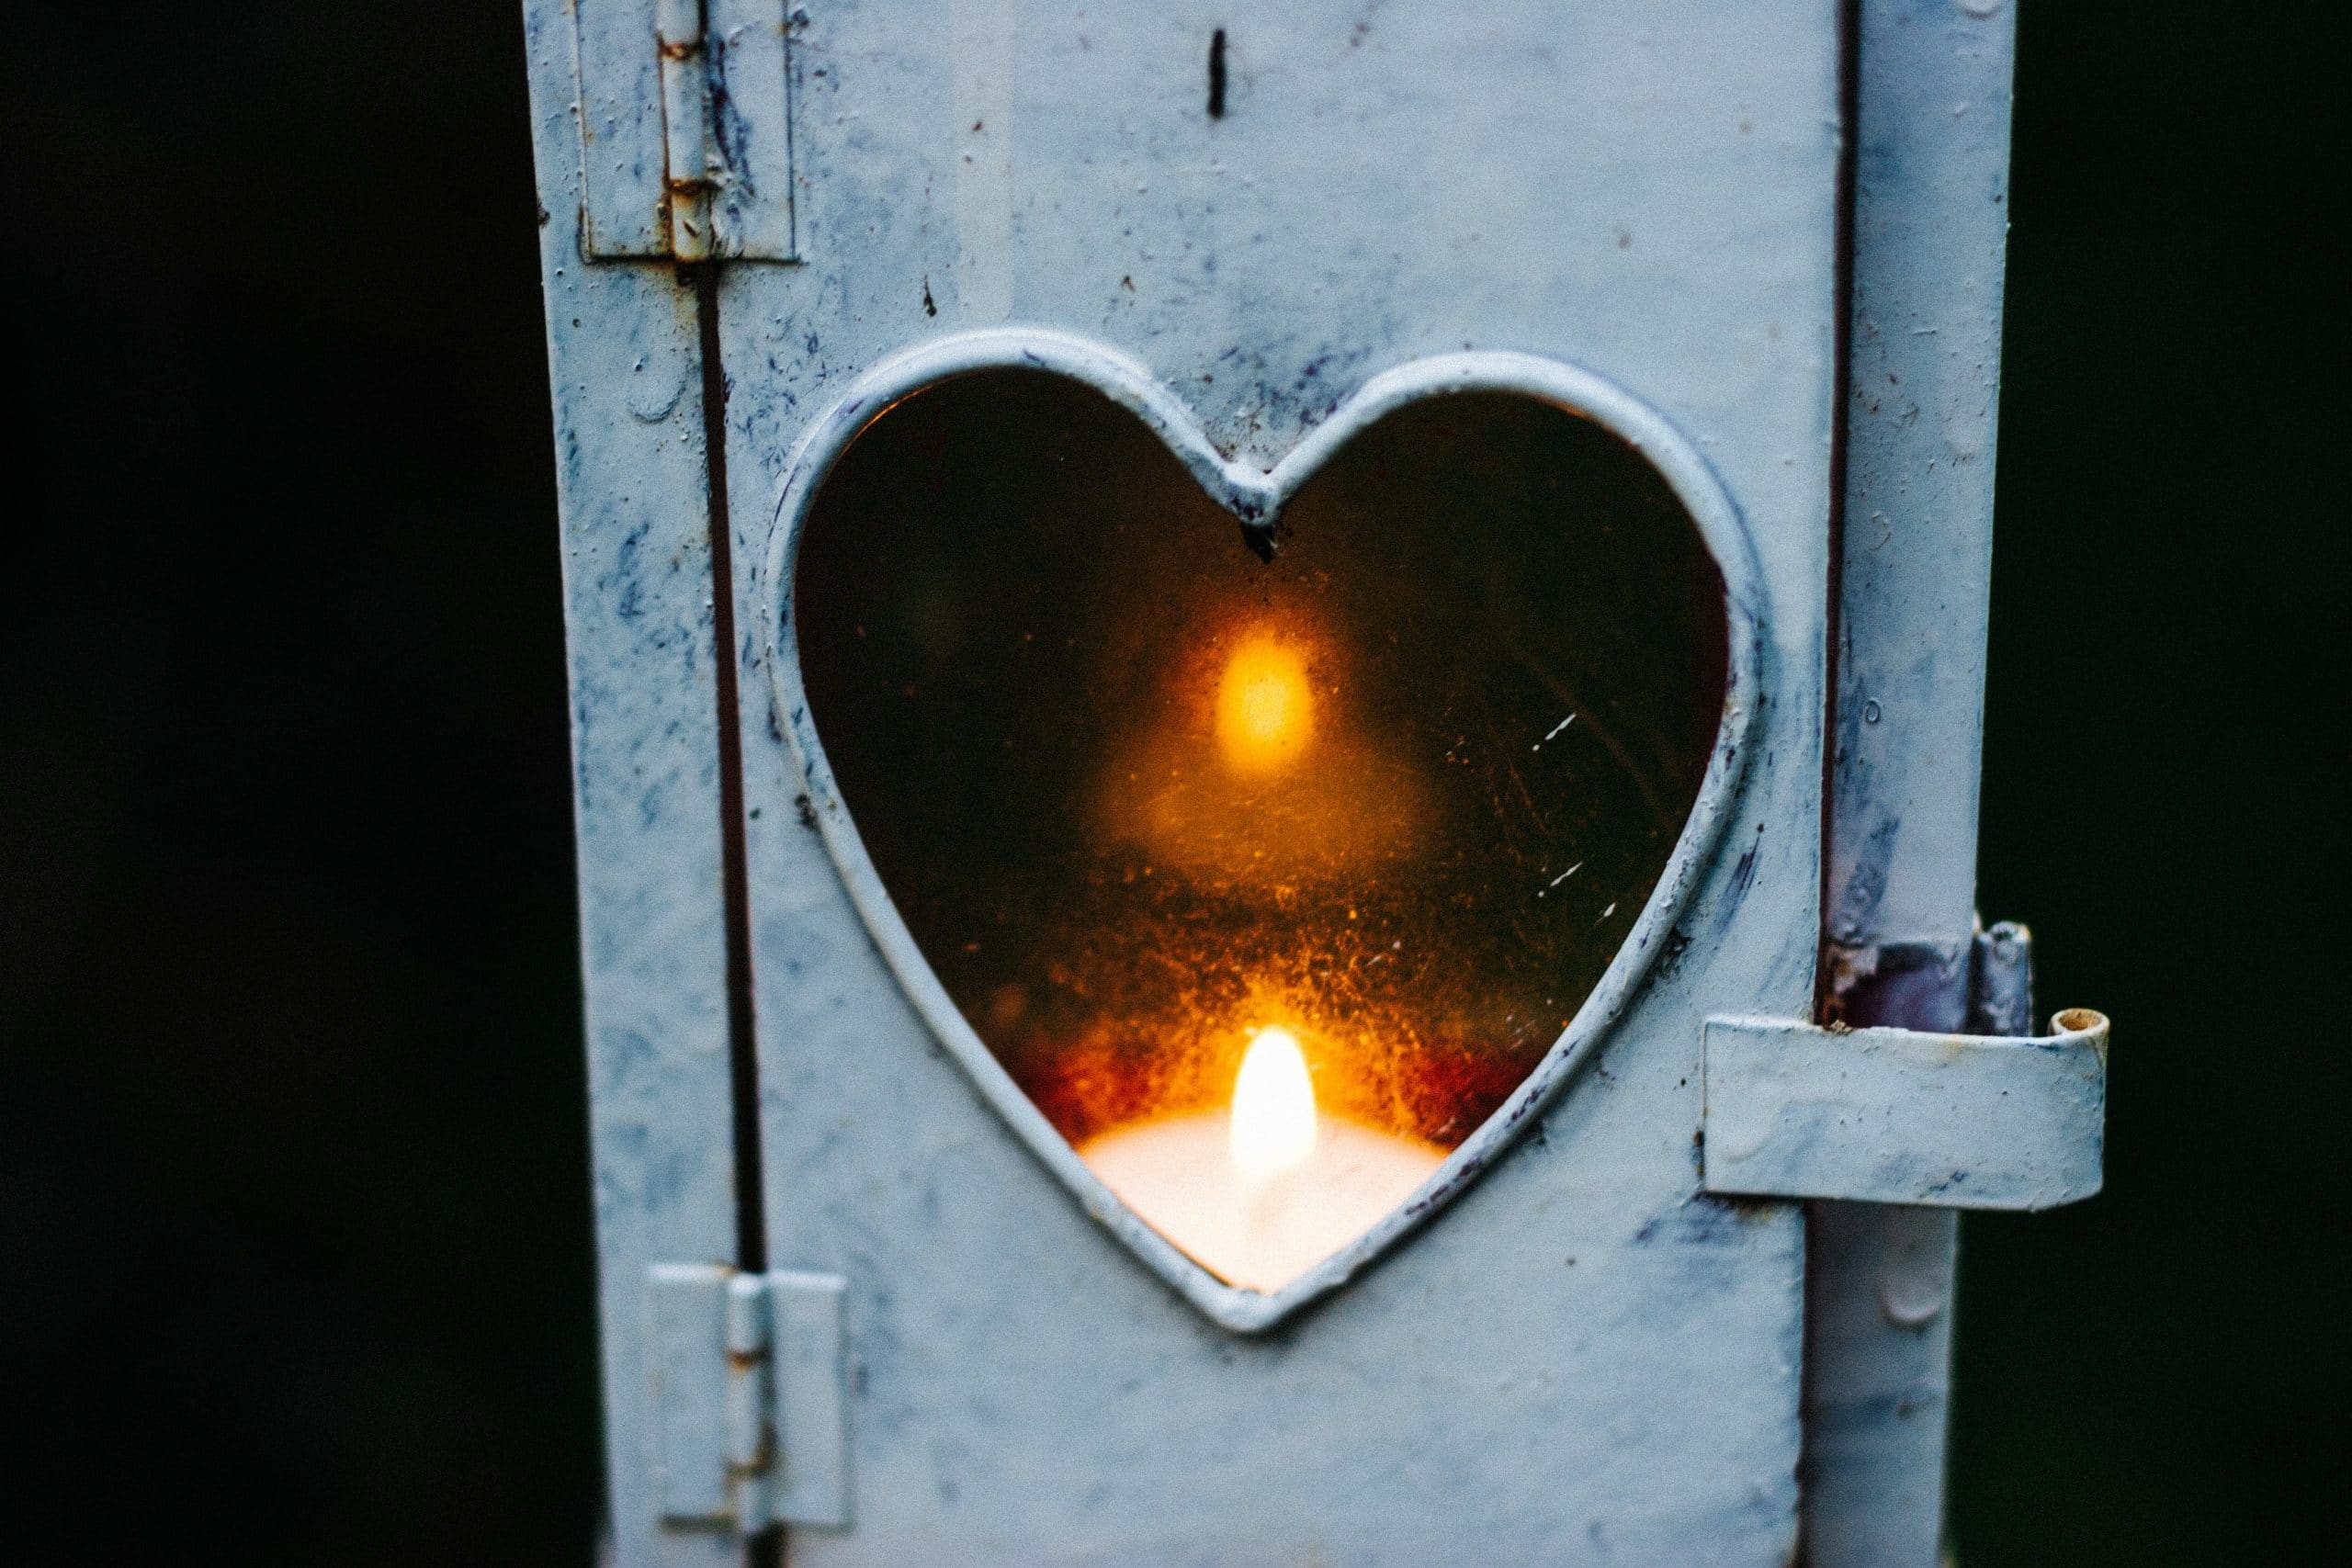 Vela acesa dentro de janela de coração.